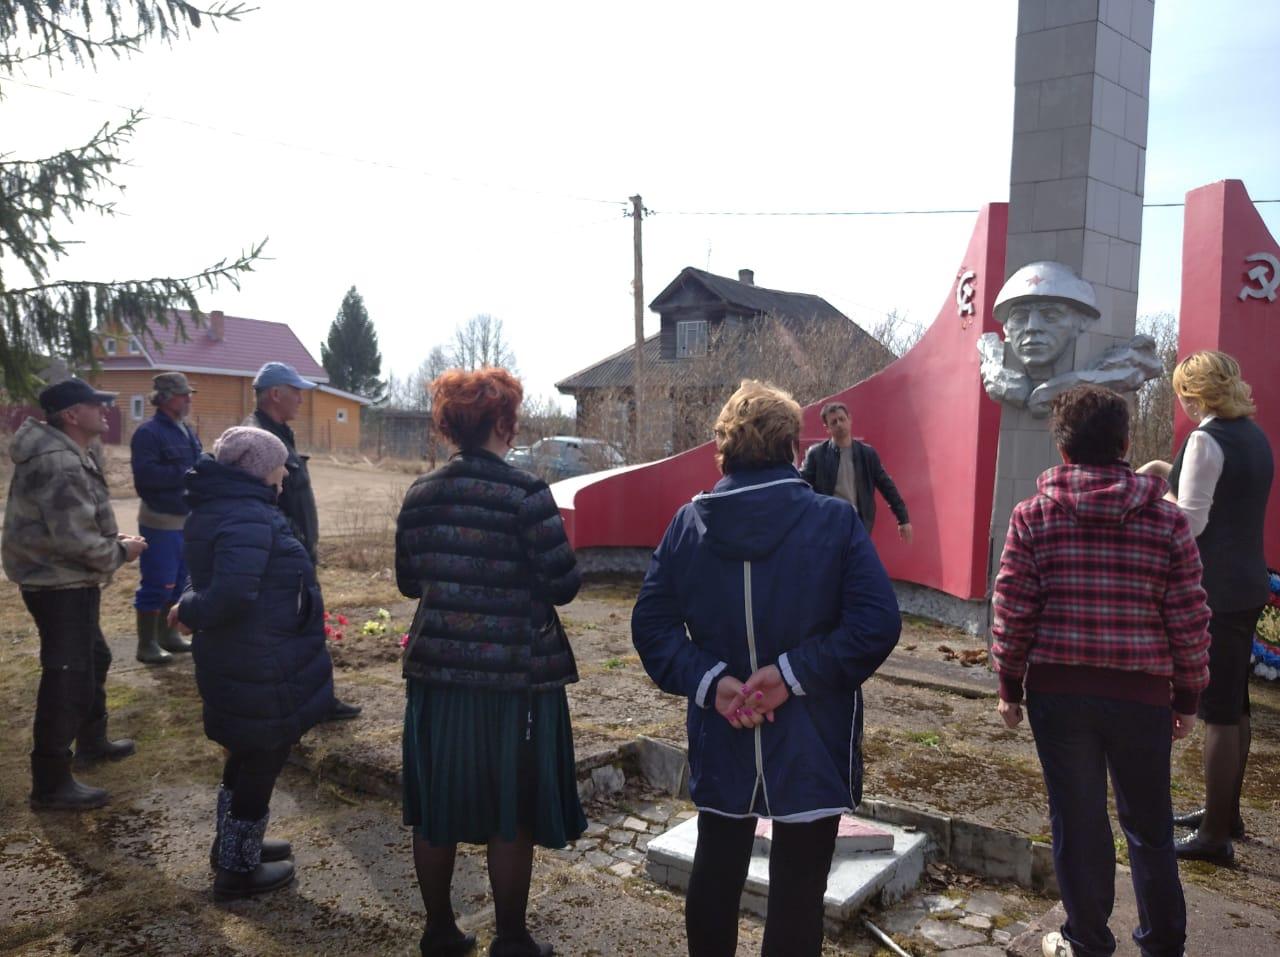 Ремонт памятника и преображение парка: в районах Ярославской области обсуждают проекты благоустройства территорий